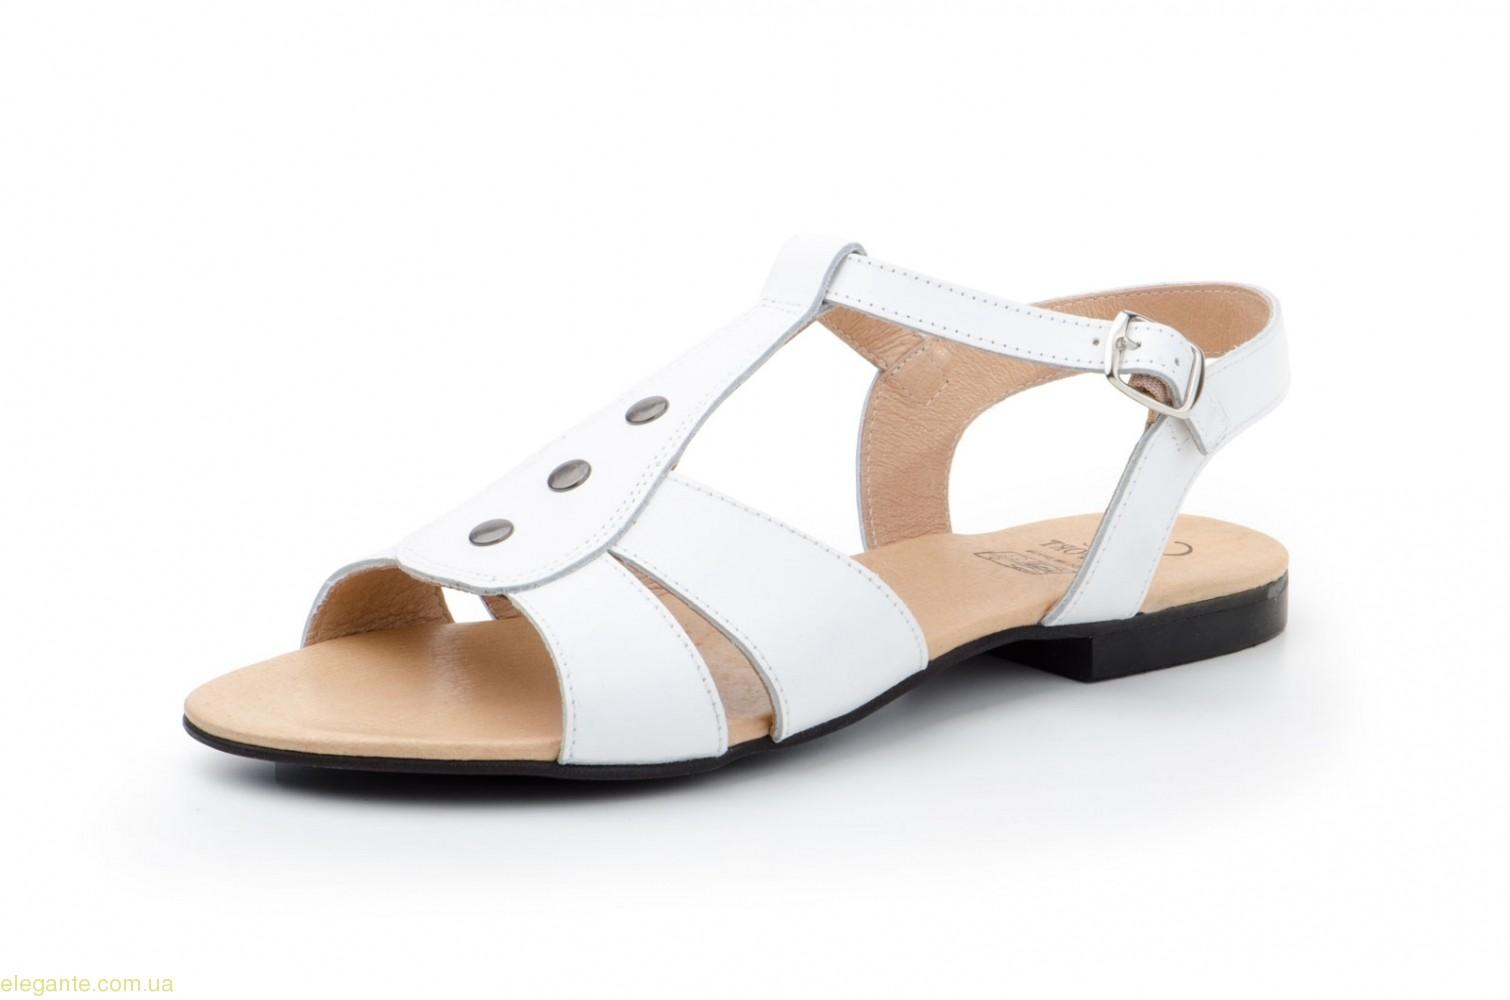 Жіночі босоніжки Bailen xxl білі 0